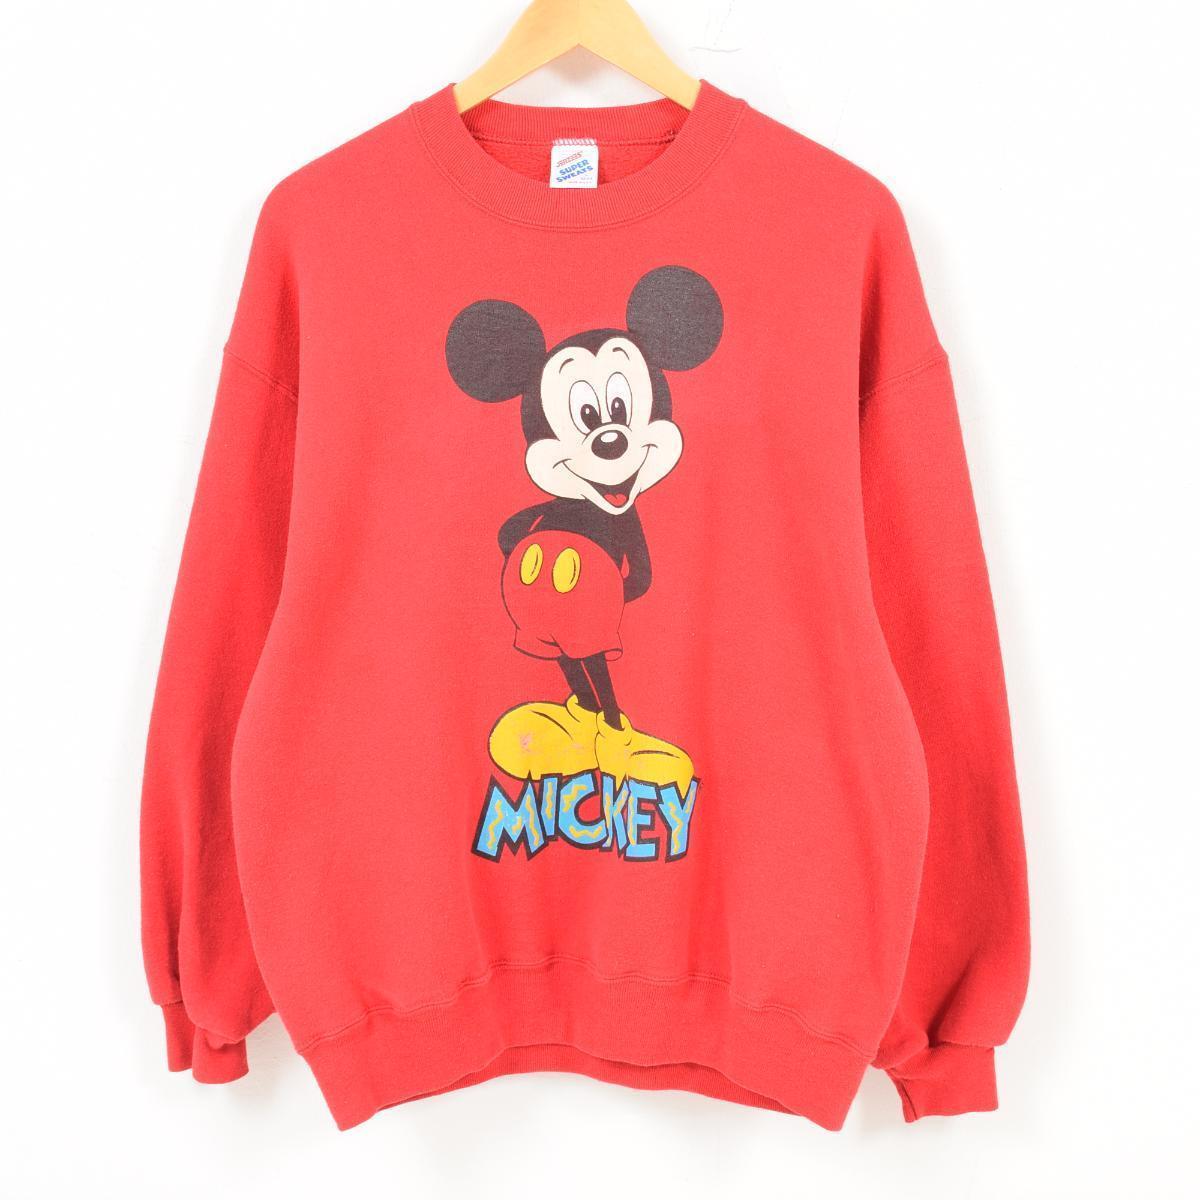 90年代 ジャージーズ Jerzees MICKEY MOUSE ミッキーマウス キャラクタースウェットシャツ トレーナー USA製 レディースL /wat7975 【中古】 【180813】